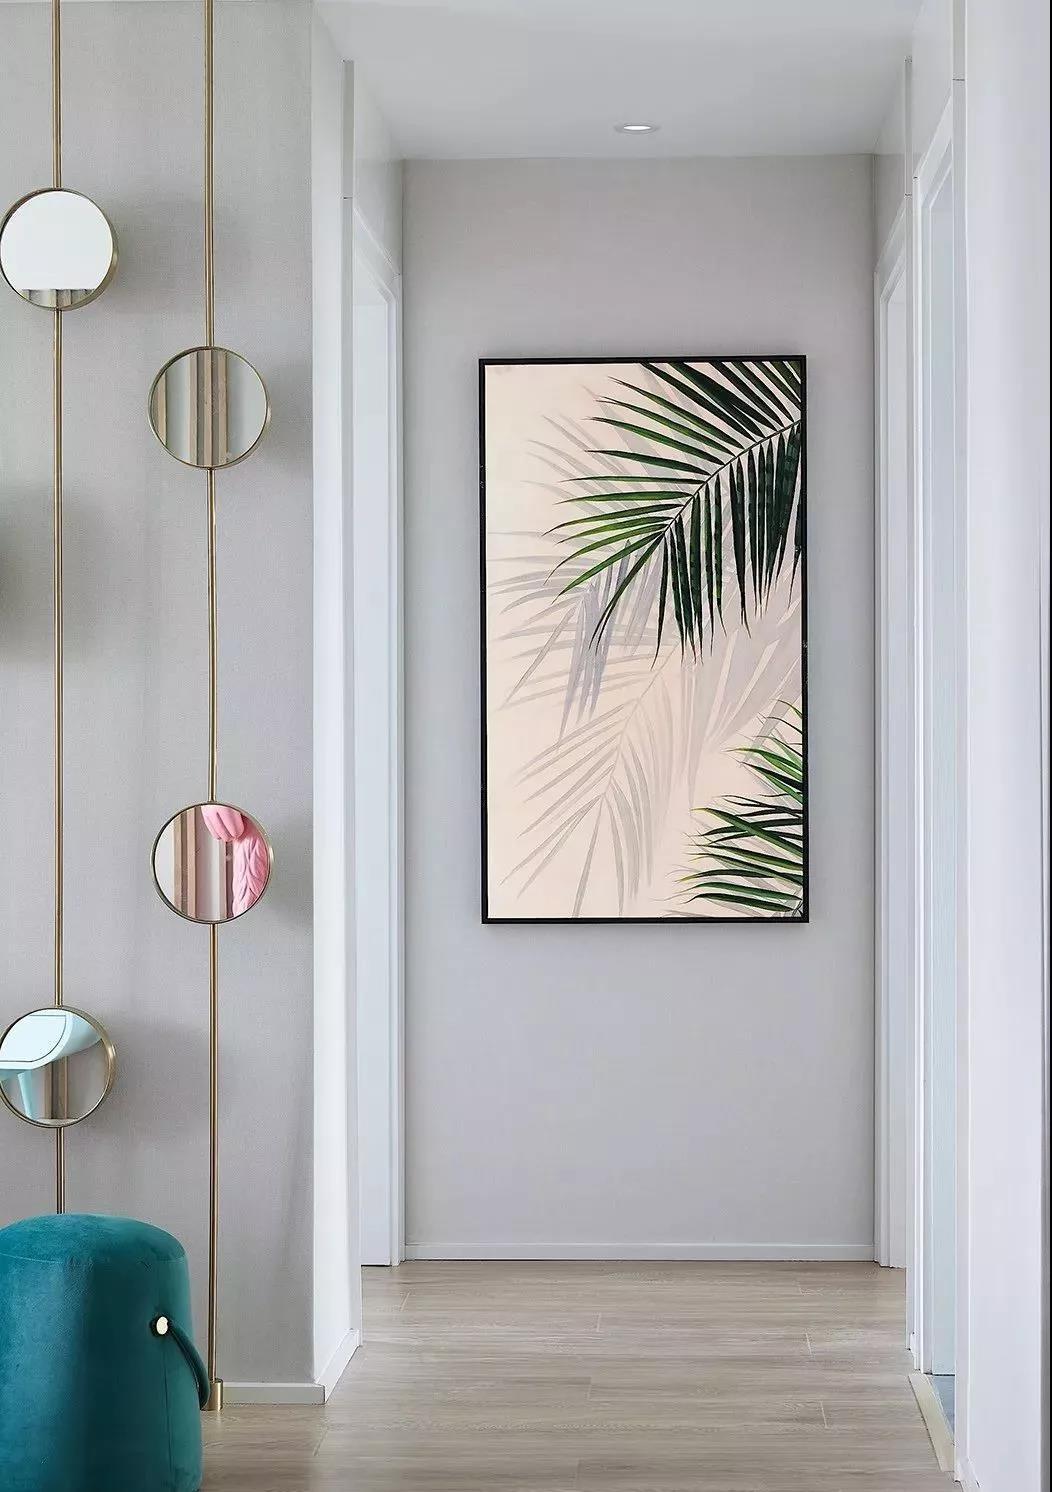 2019美式玄关图片 2019美式走廊装修效果图片